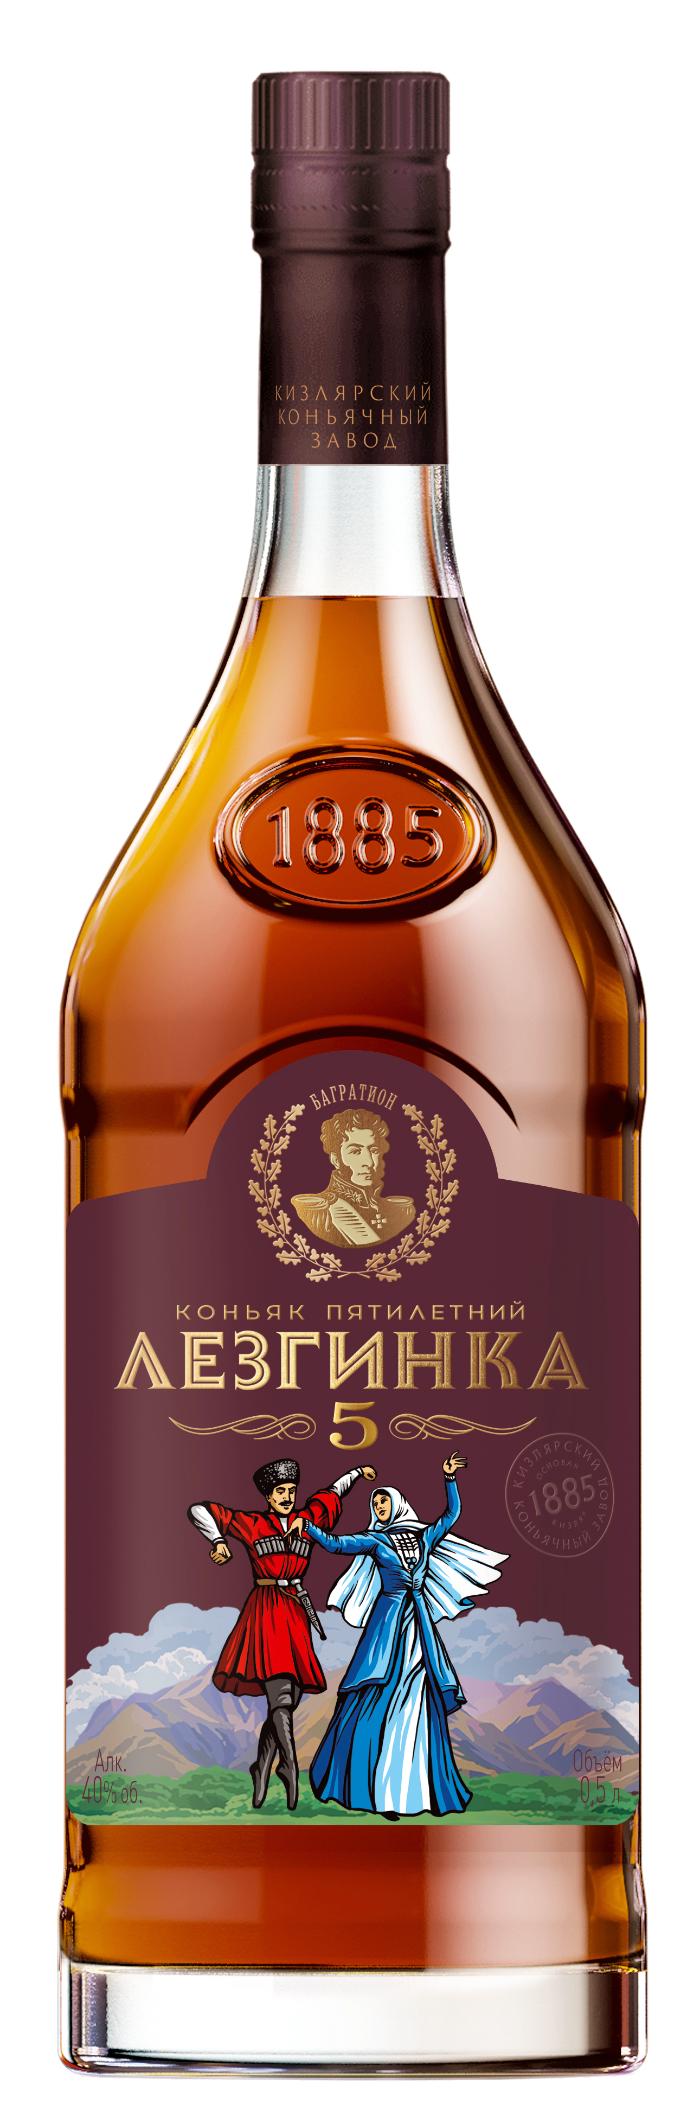 Дагестанский коньяк и его особенности